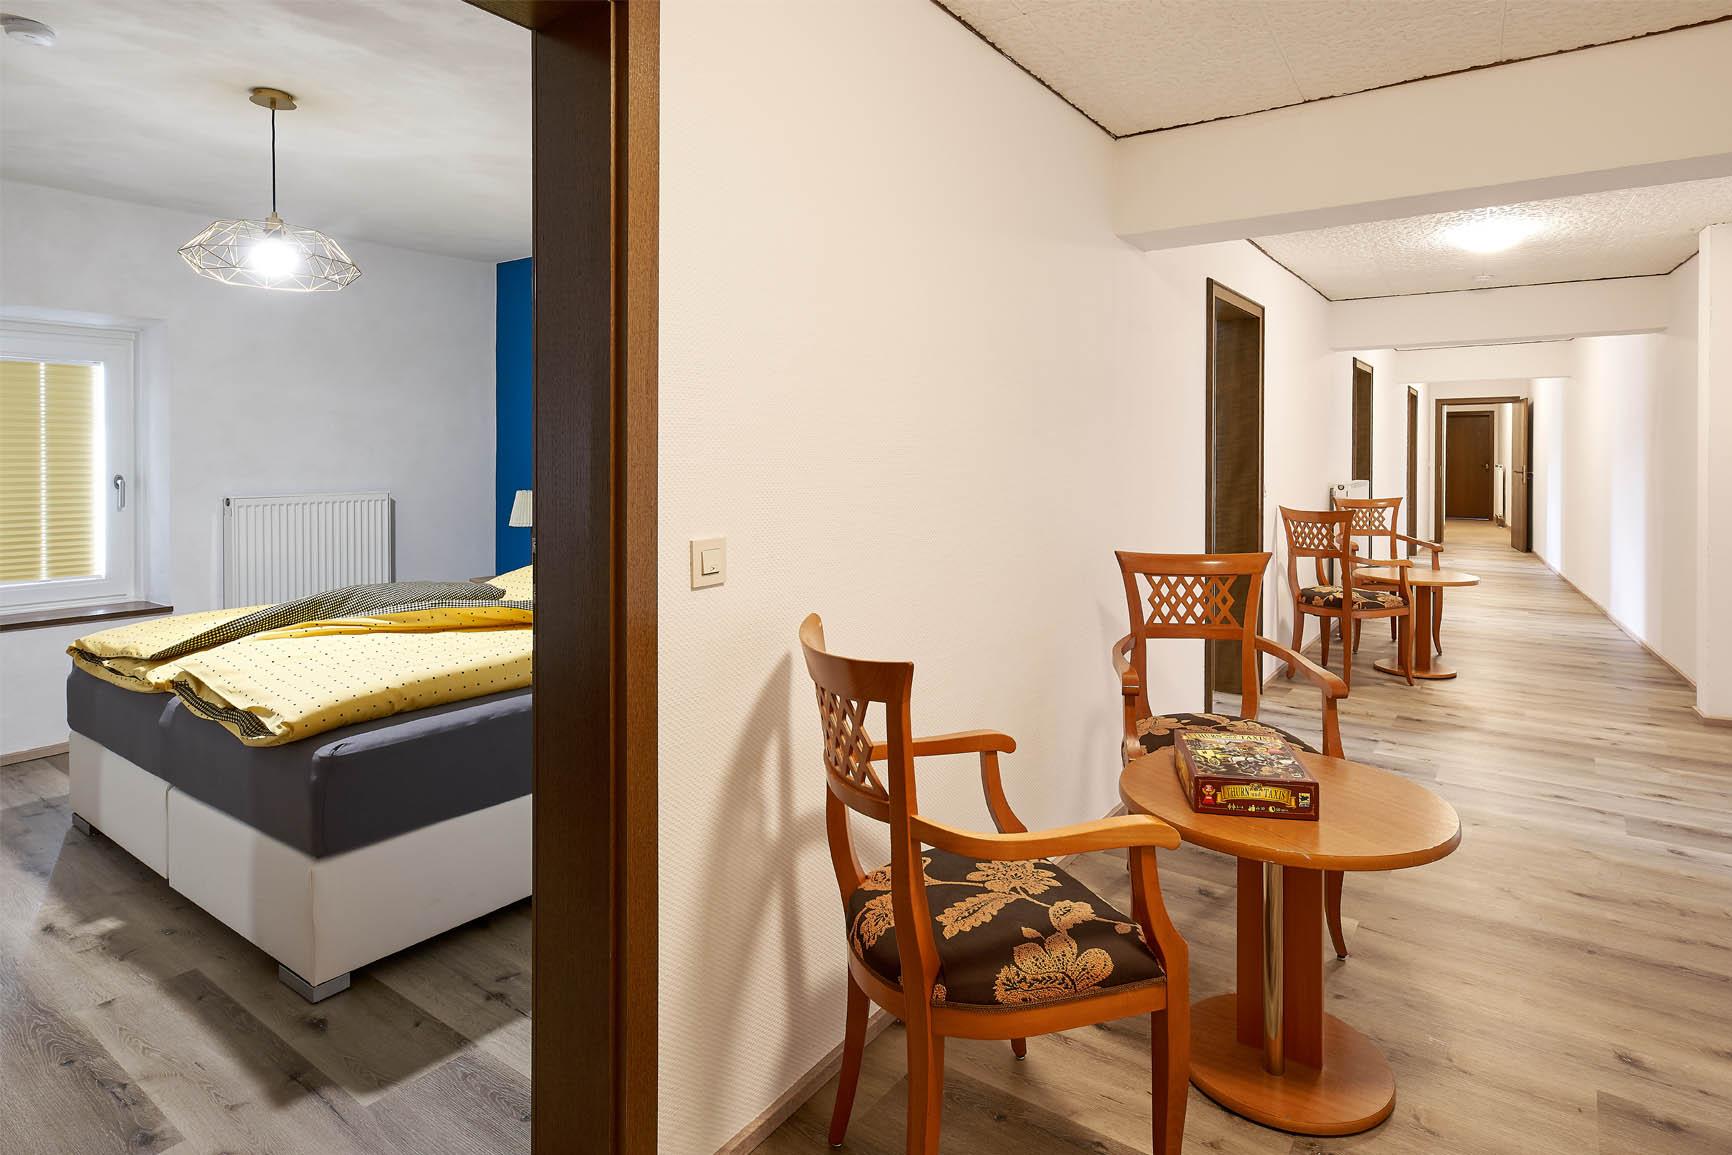 Ferienhaus Mosel-Herberge Schlafbereich mit Flur